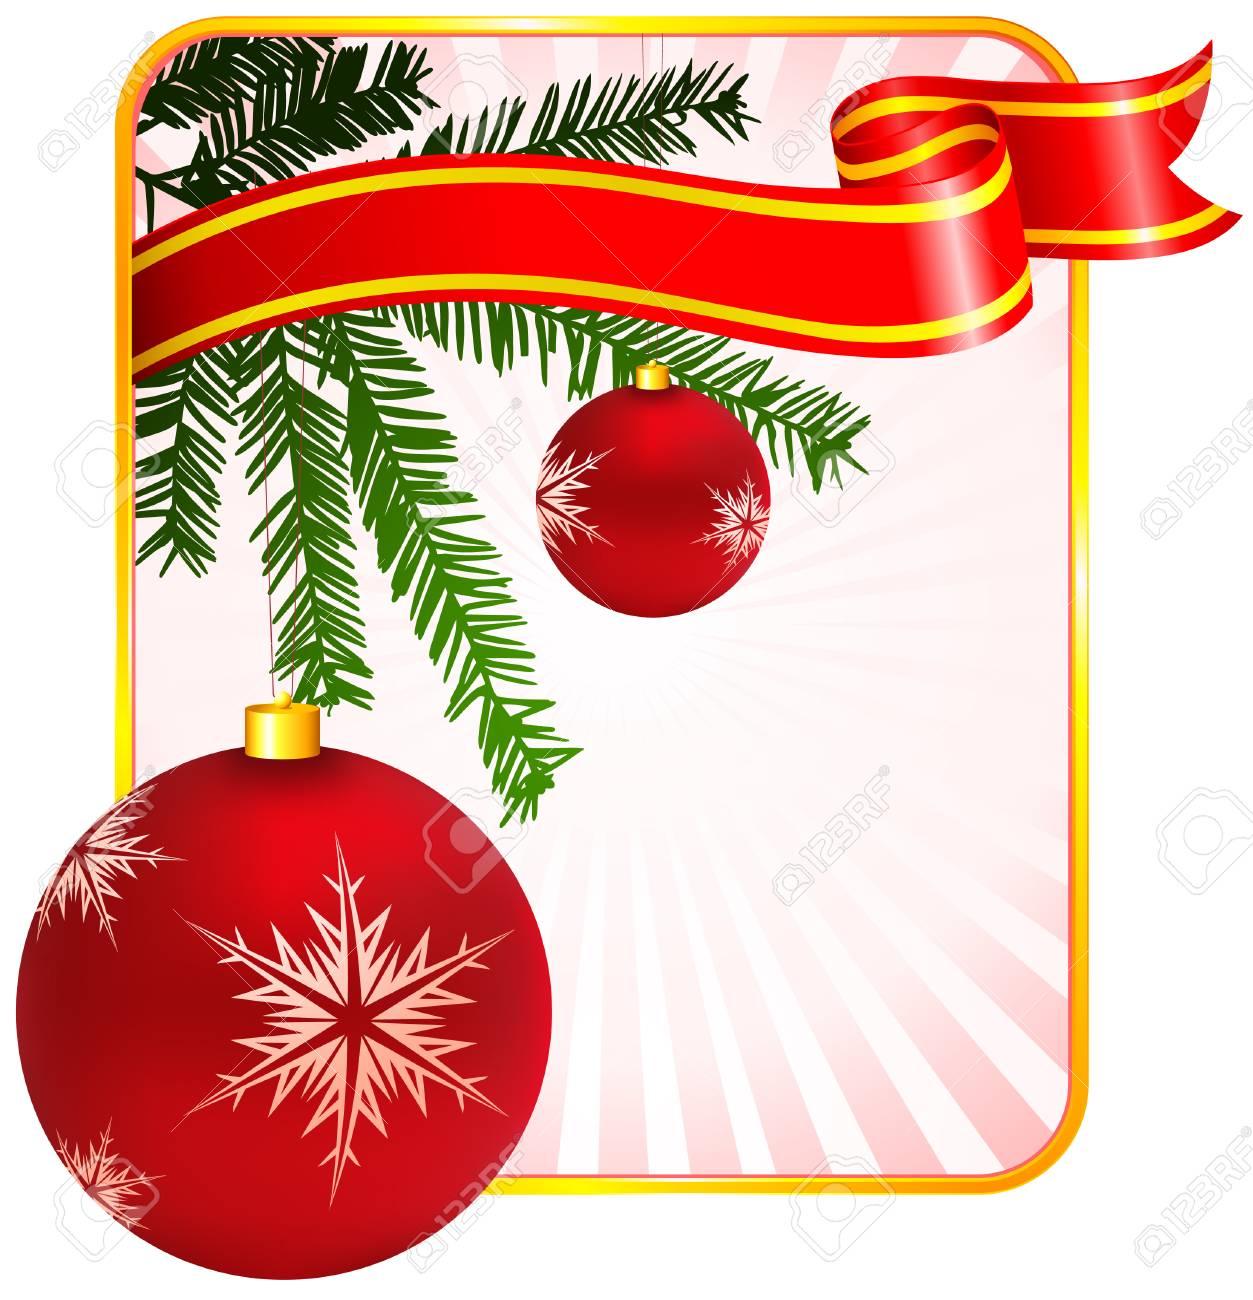 休日の背景にクリスマスの飾りツリー オリジナルのベクター イラスト